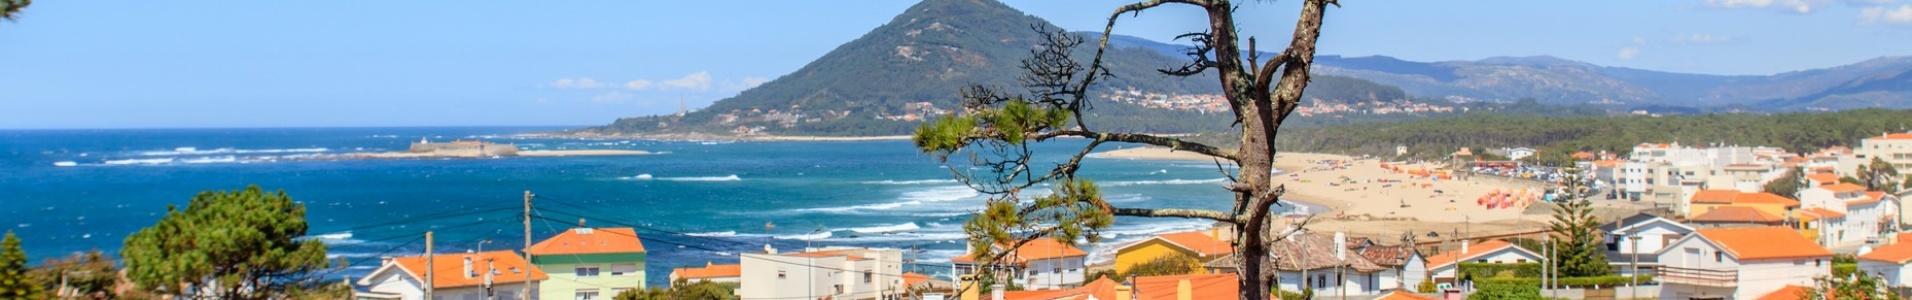 autotour nord portugal